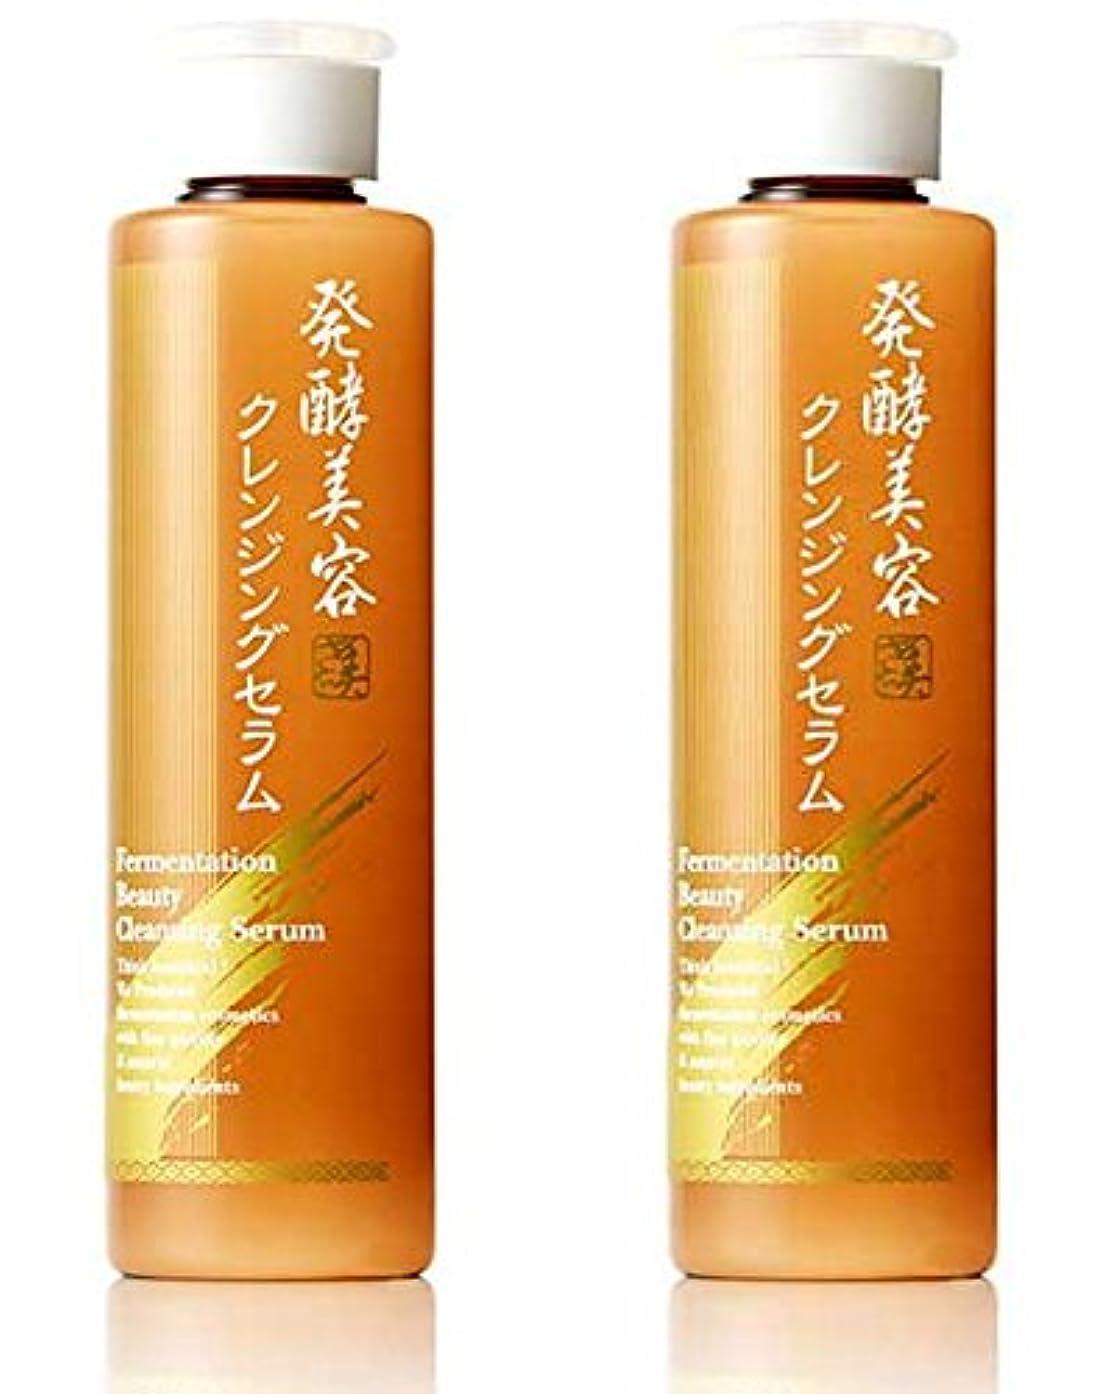 またはクロニクル現像美さを 発酵美容クレンジングセラム 2個セット(クレンジングウォーター美容液)